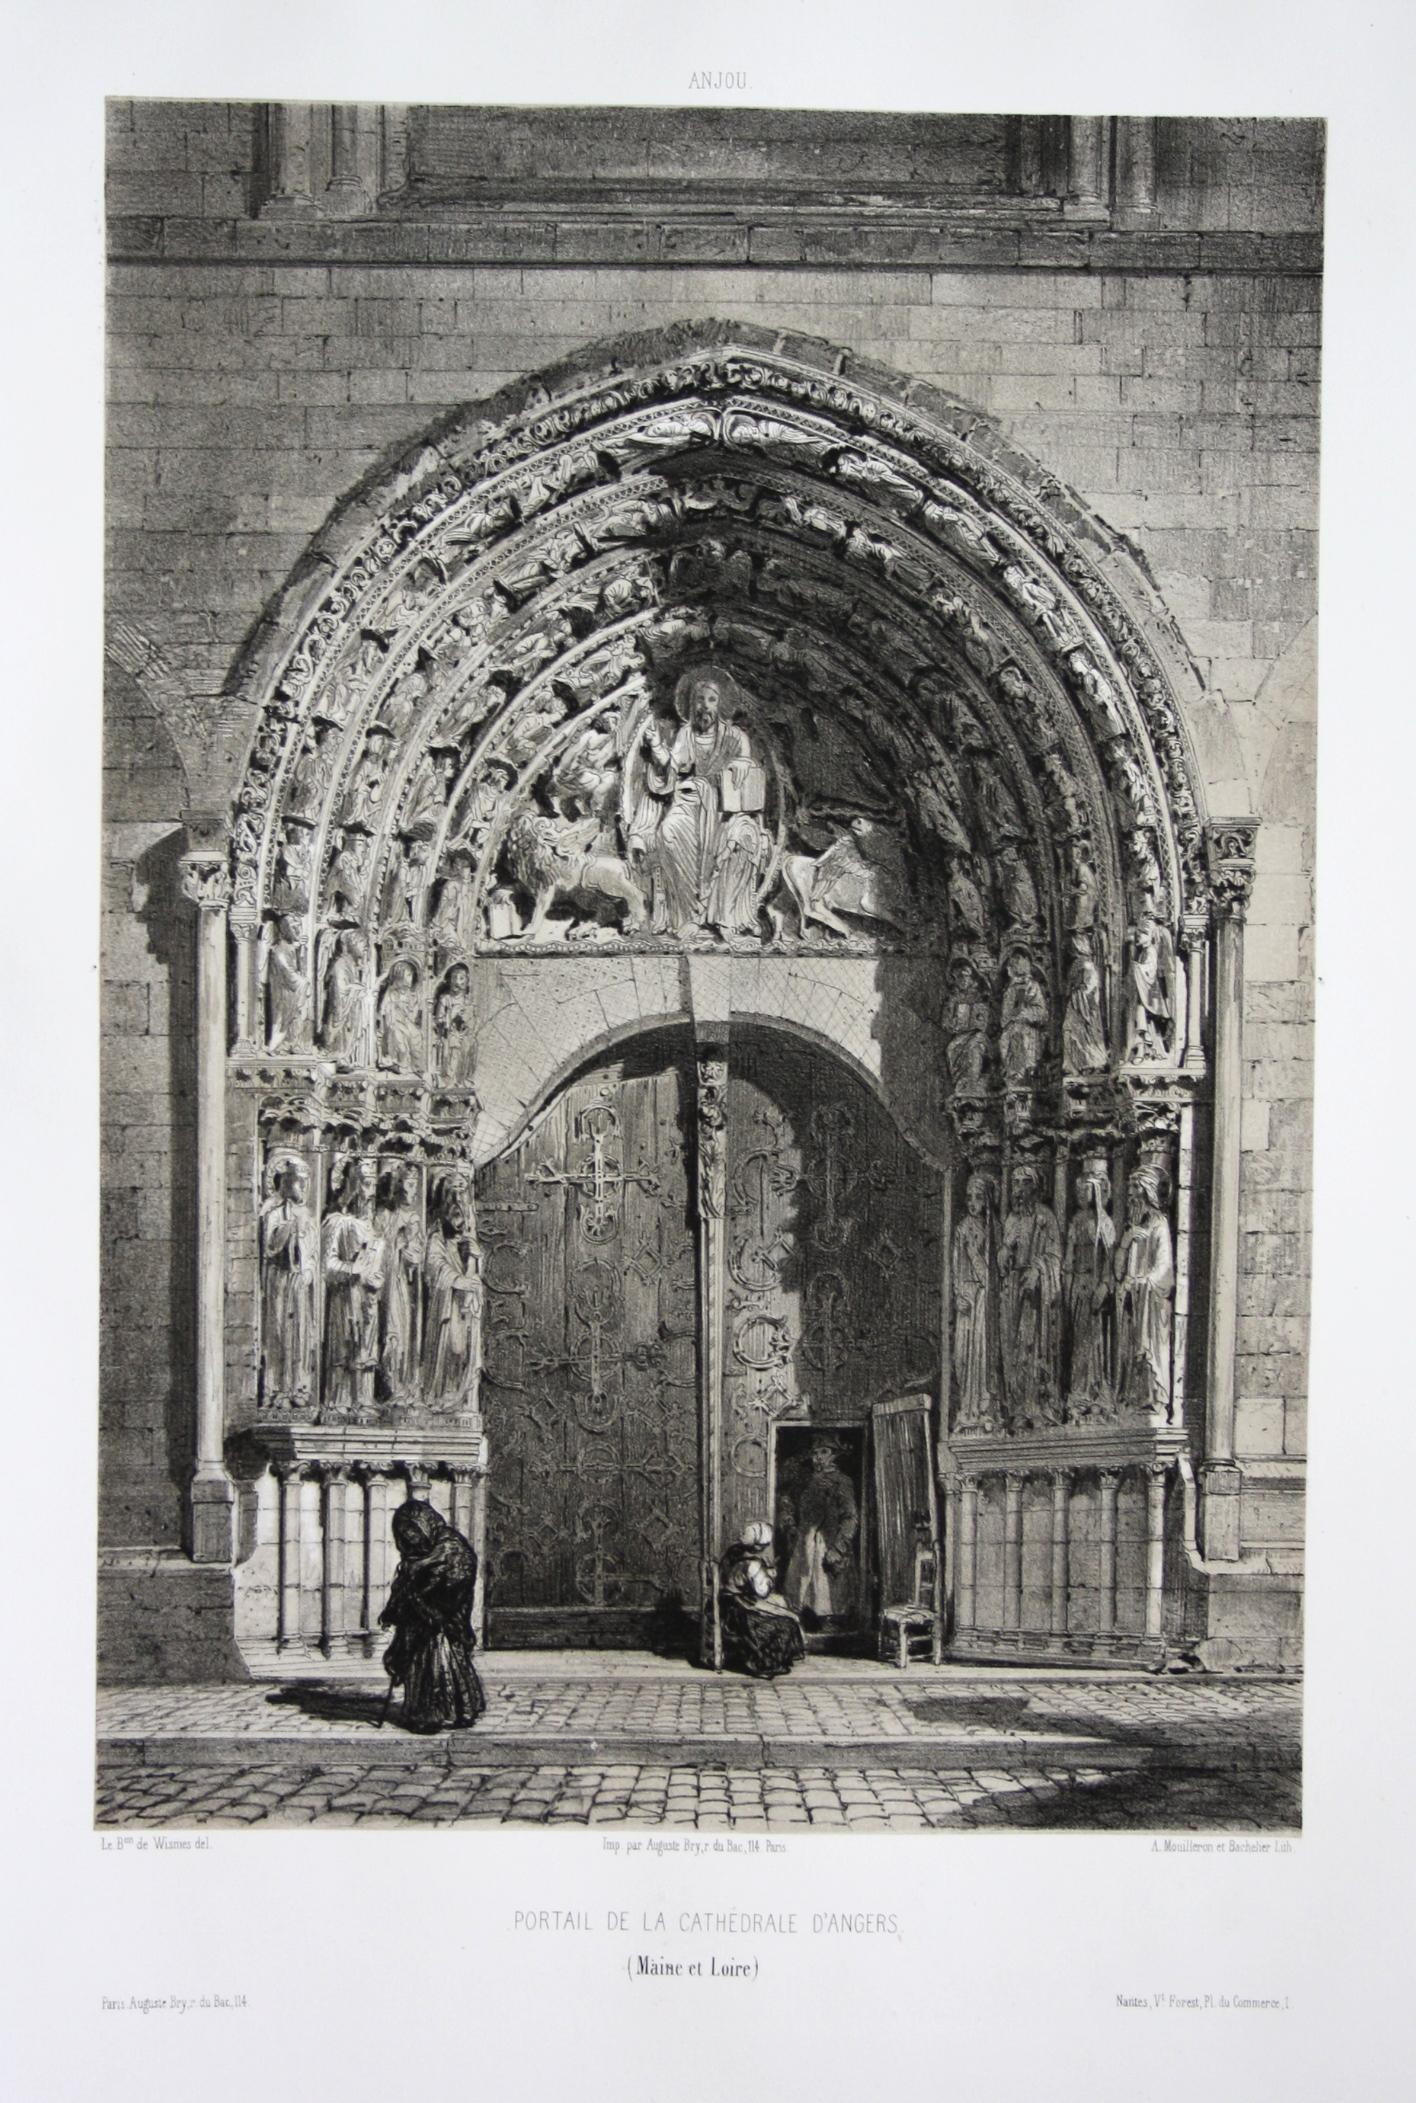 Portail de la Cathedrale d'Angers / Maine: Wismes, Olivier de